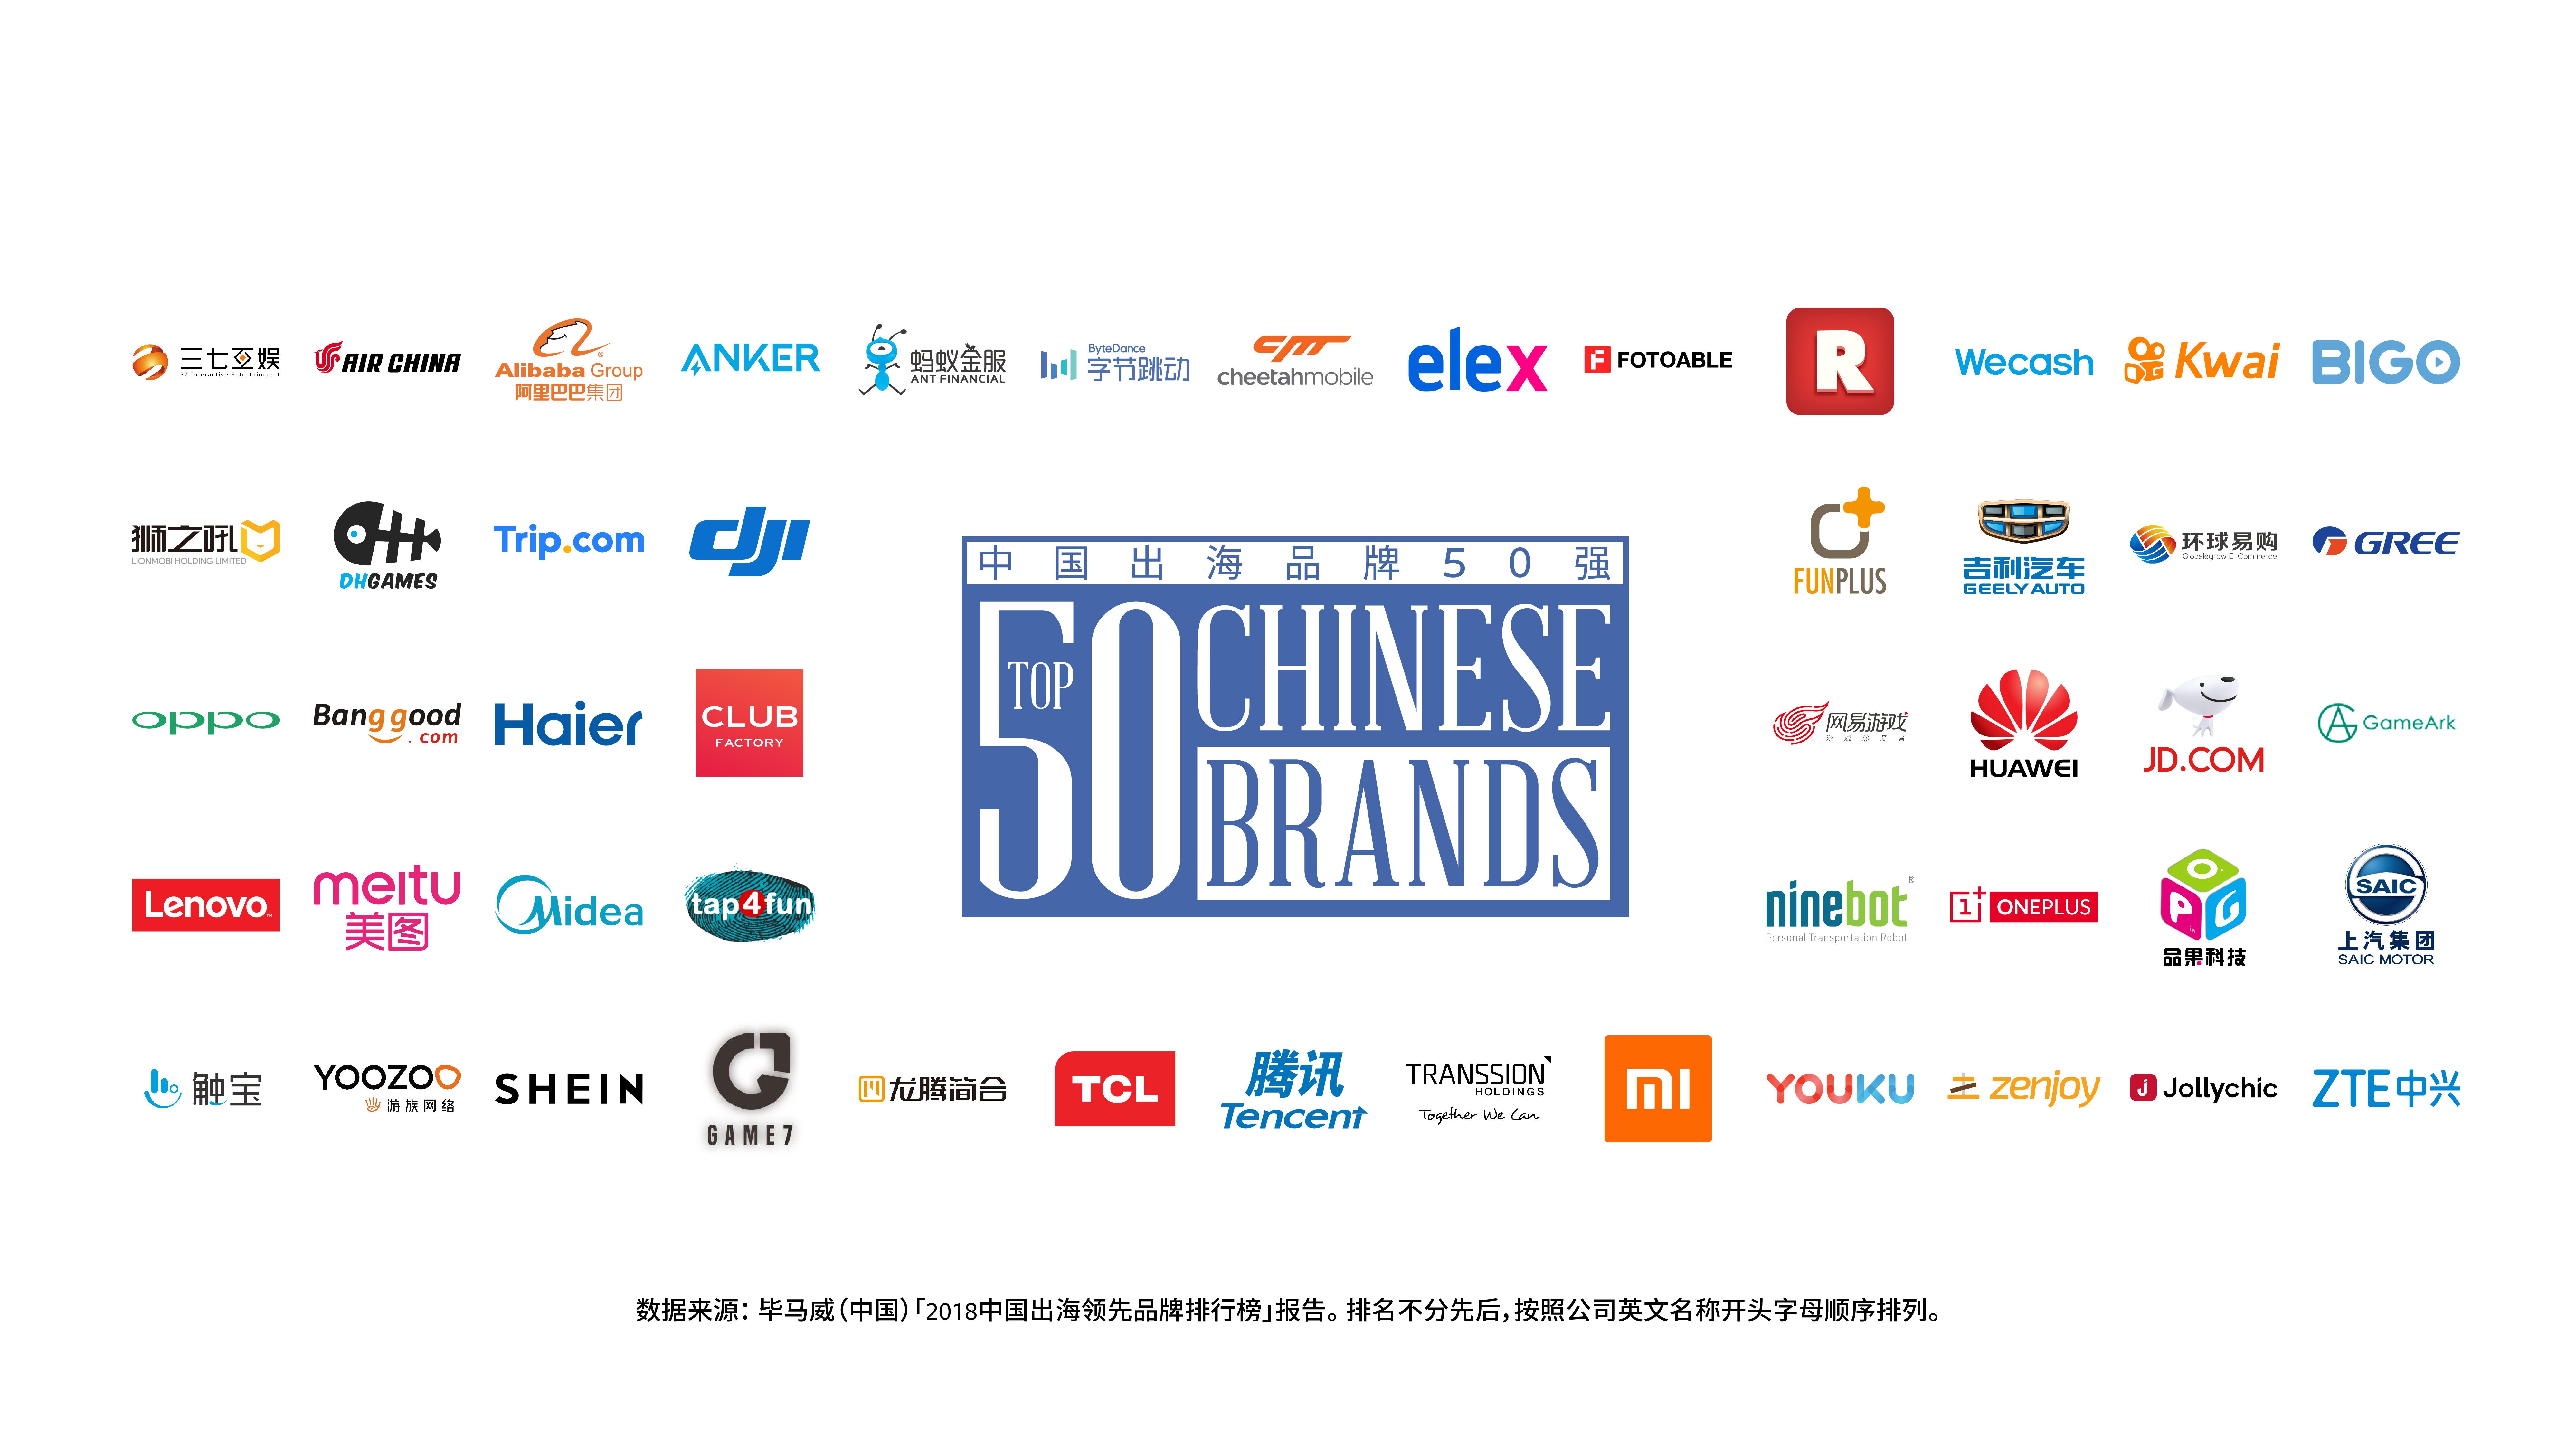 2018中国出海领先品牌50强发布:网易游戏等上榜